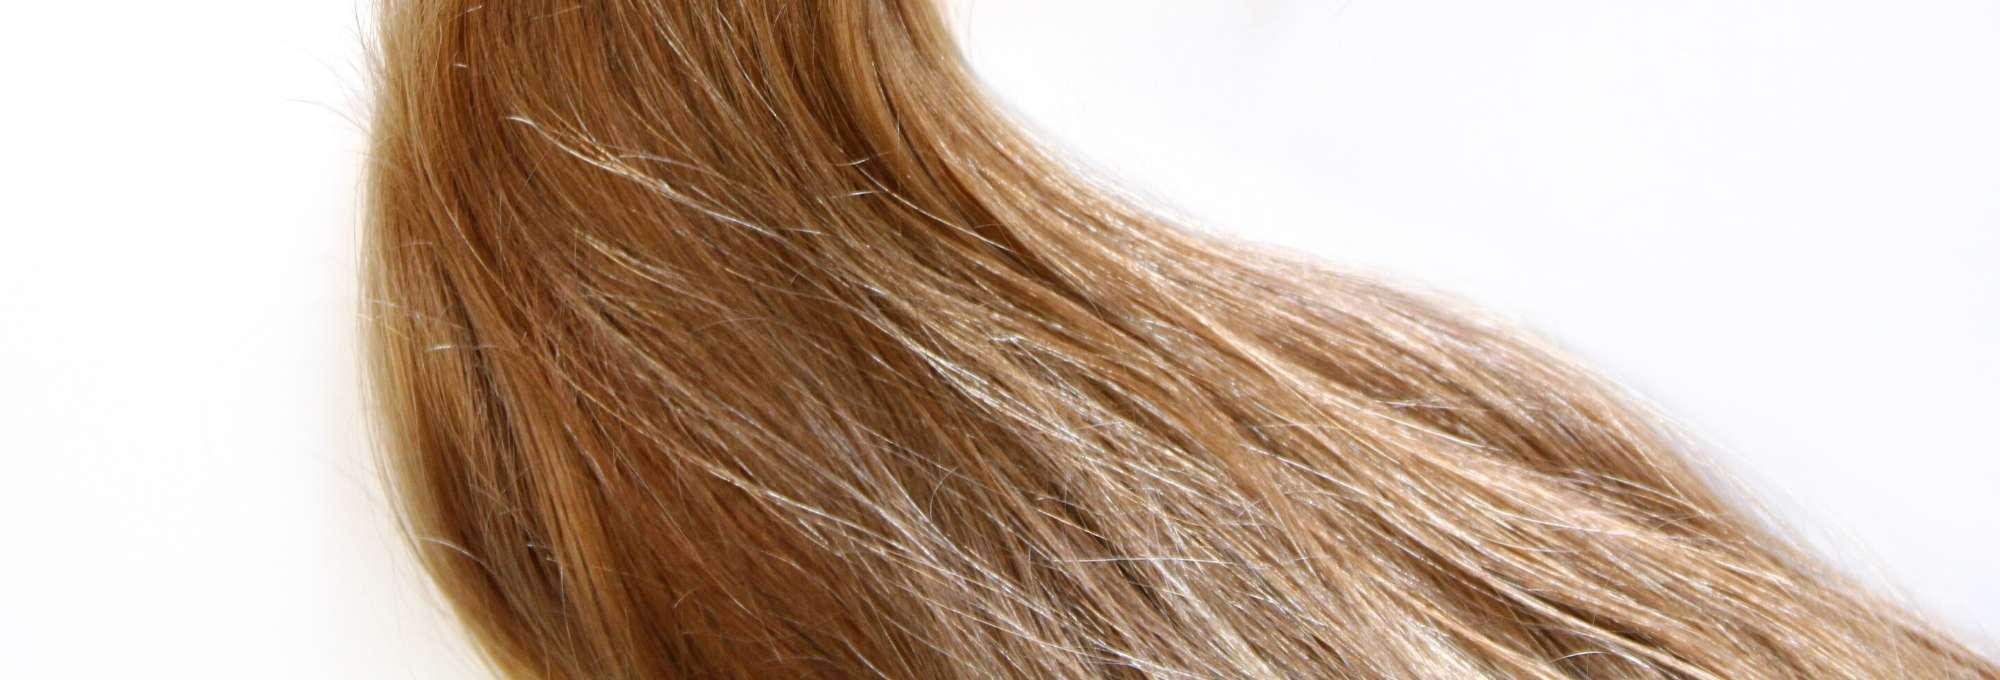 kviz poroznosti kose nisko porozna kosa visoko porozna srednje normalno zdravlje ose poroznost